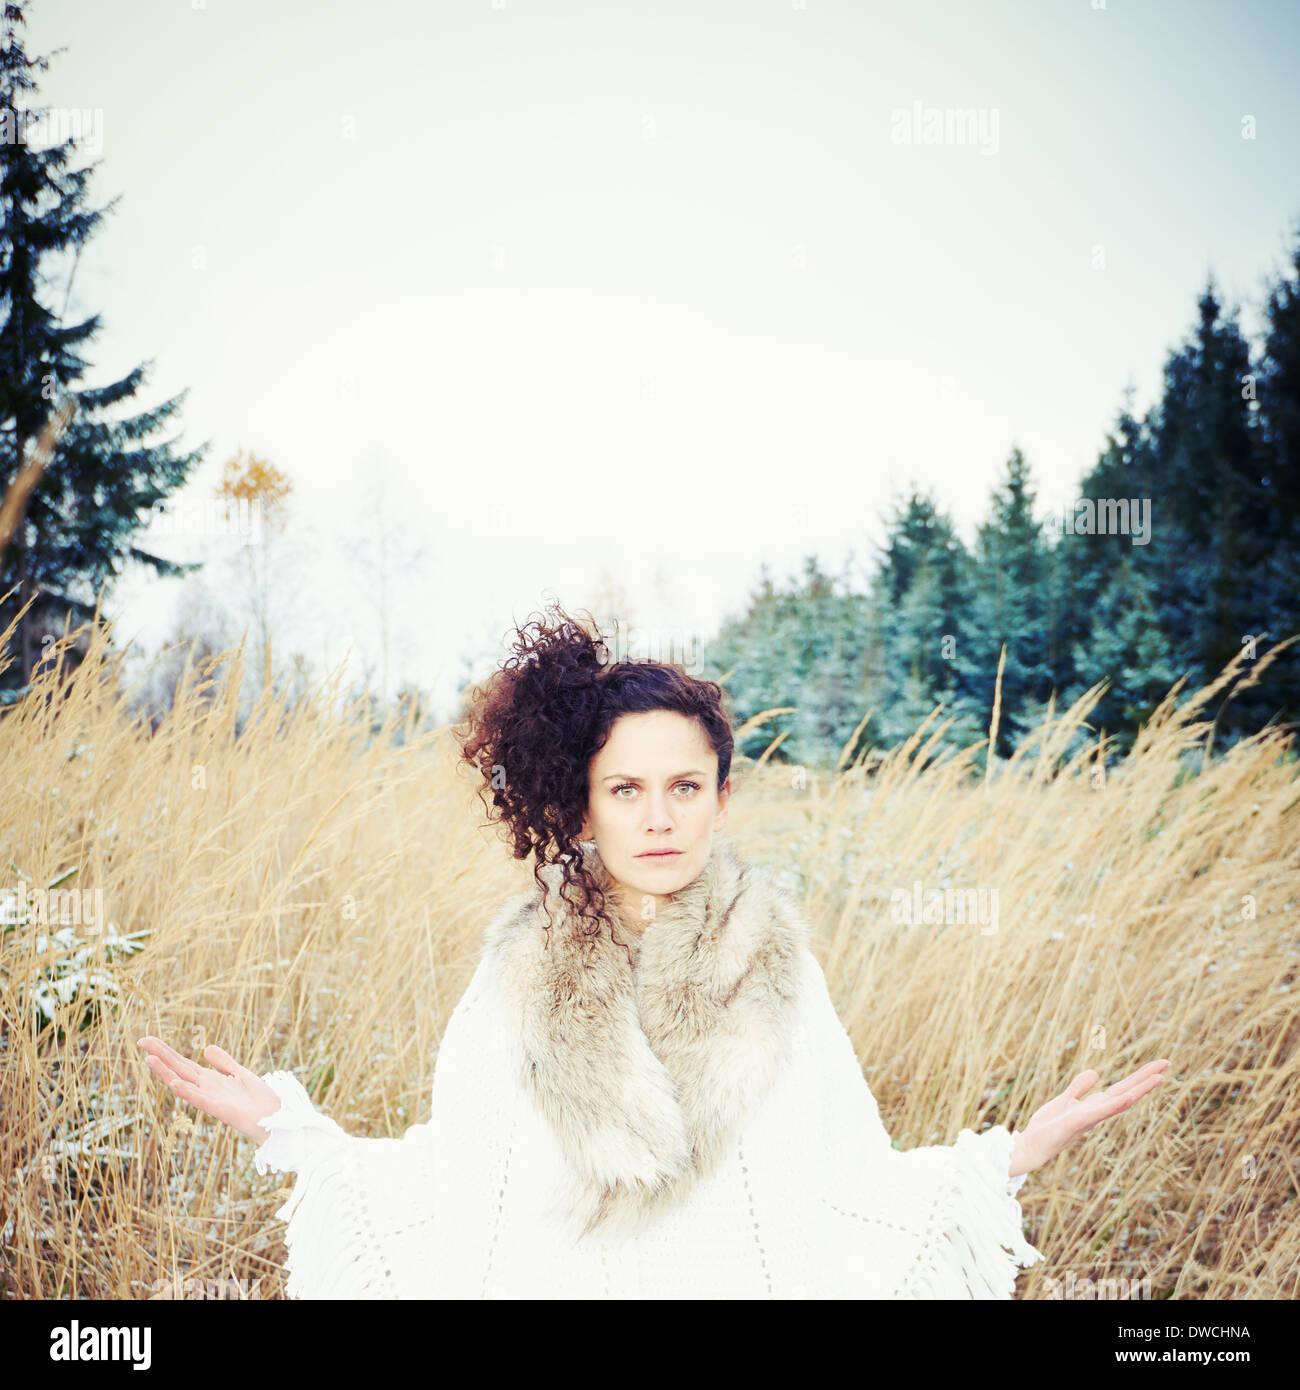 Mitad mujer adulta practicando yoga en el bosque Imagen De Stock